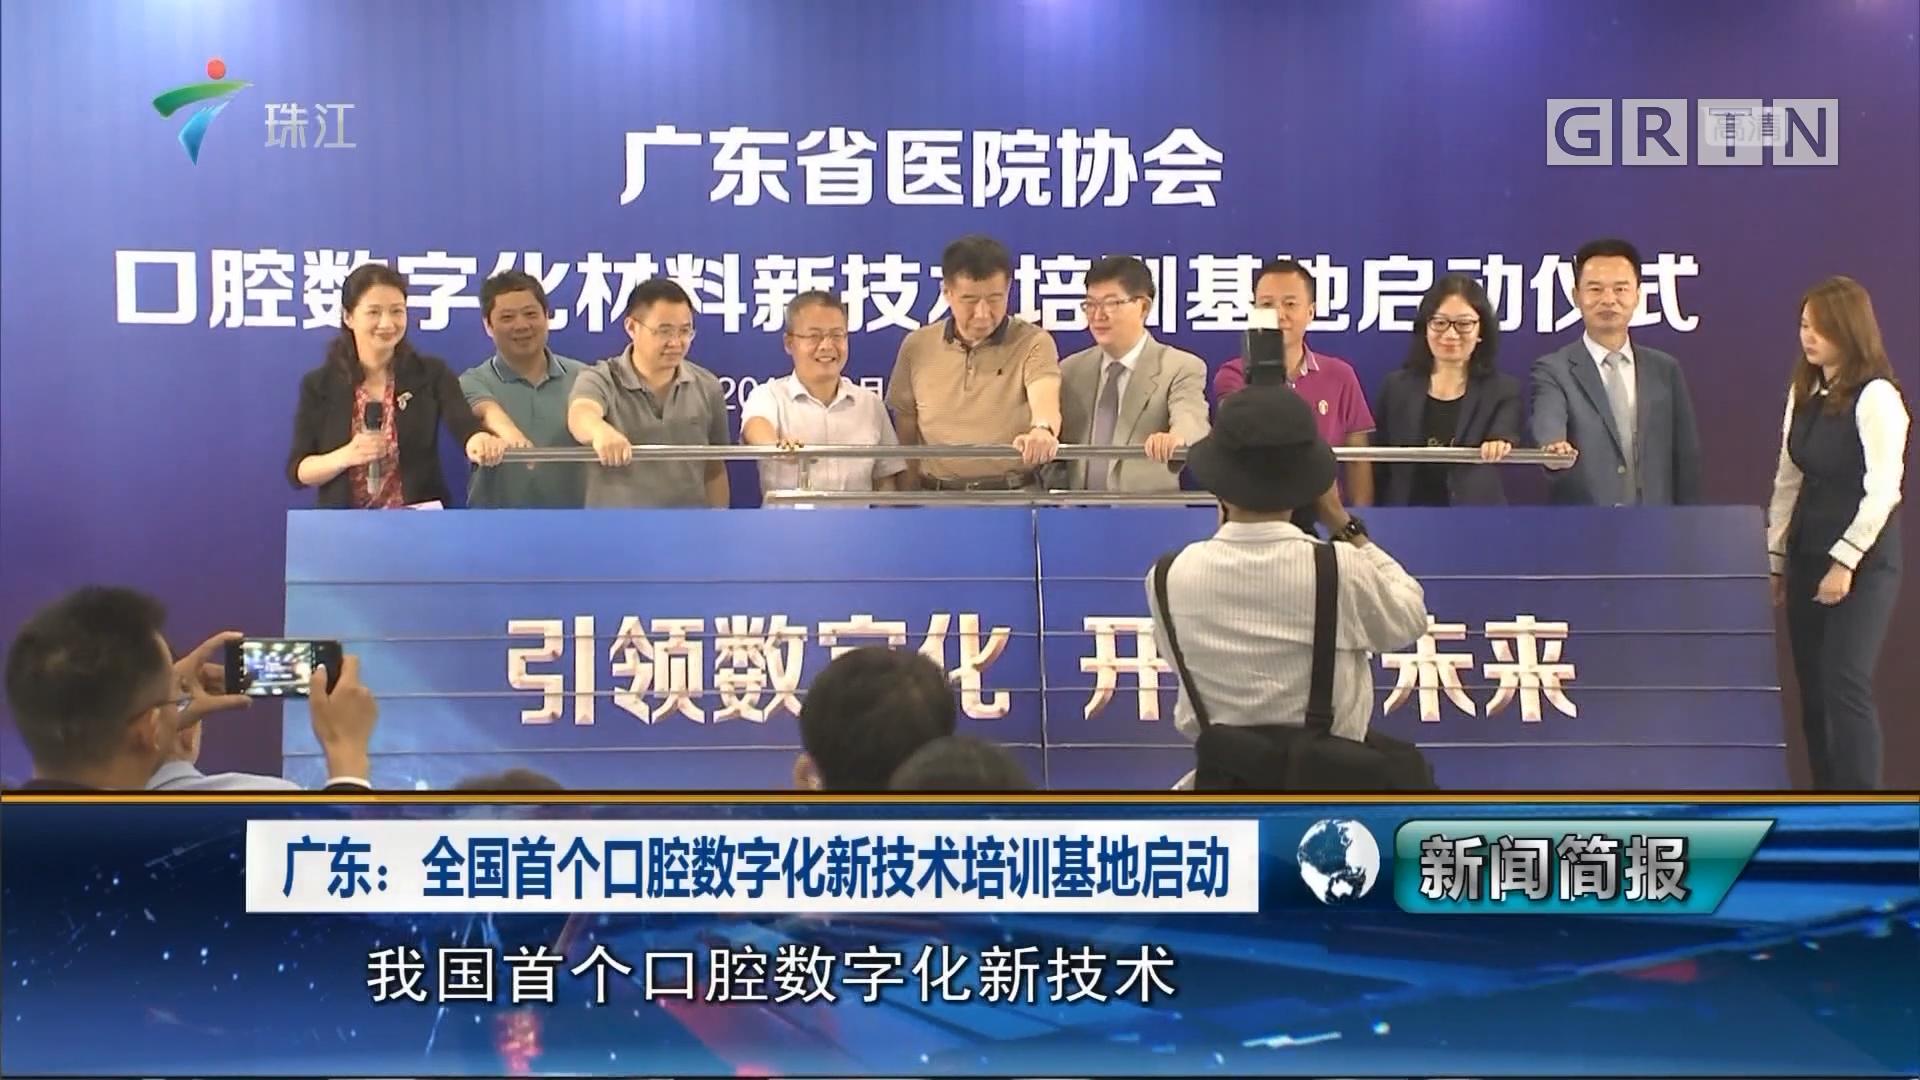 广东:全国首个口腔数字化新技术培训基地启动